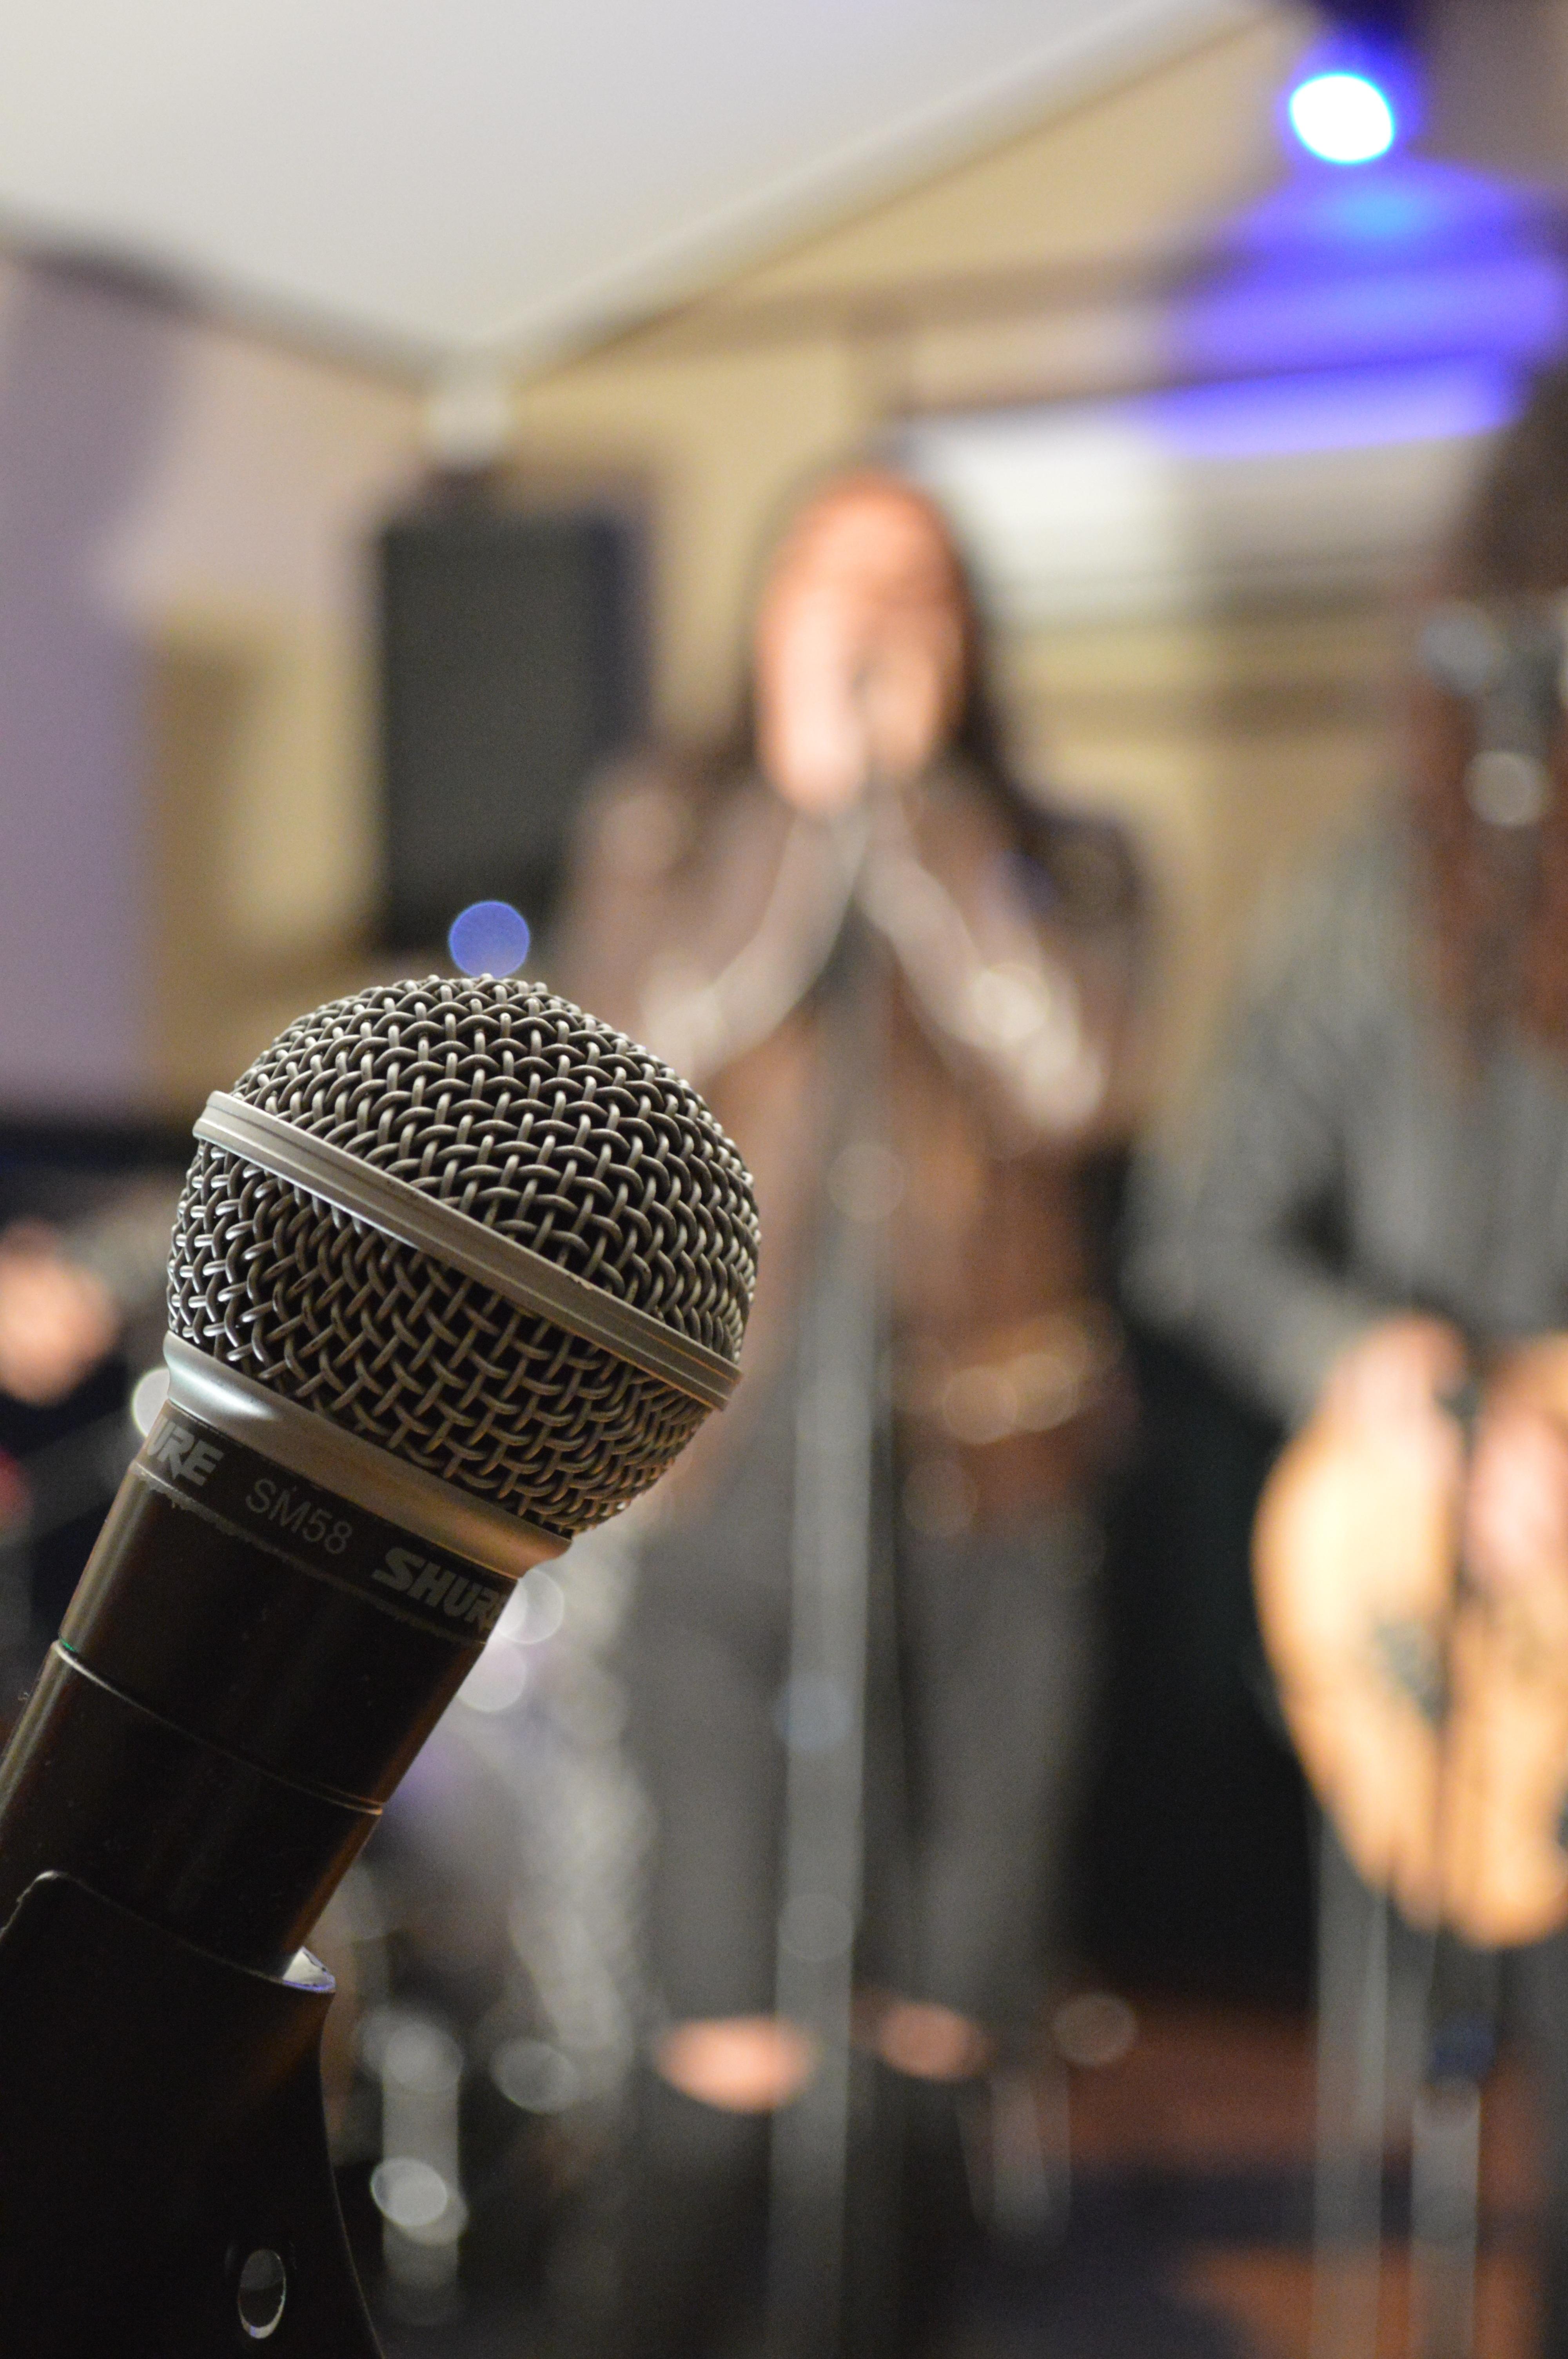 картинки Музыка микрофон Микрофон говорить Изобразительное  Музыка микрофон Микрофон говорить Изобразительное искусство Аудио Пение фотография обложка контрольная работа Презентация Сценарий Способность Звуковое